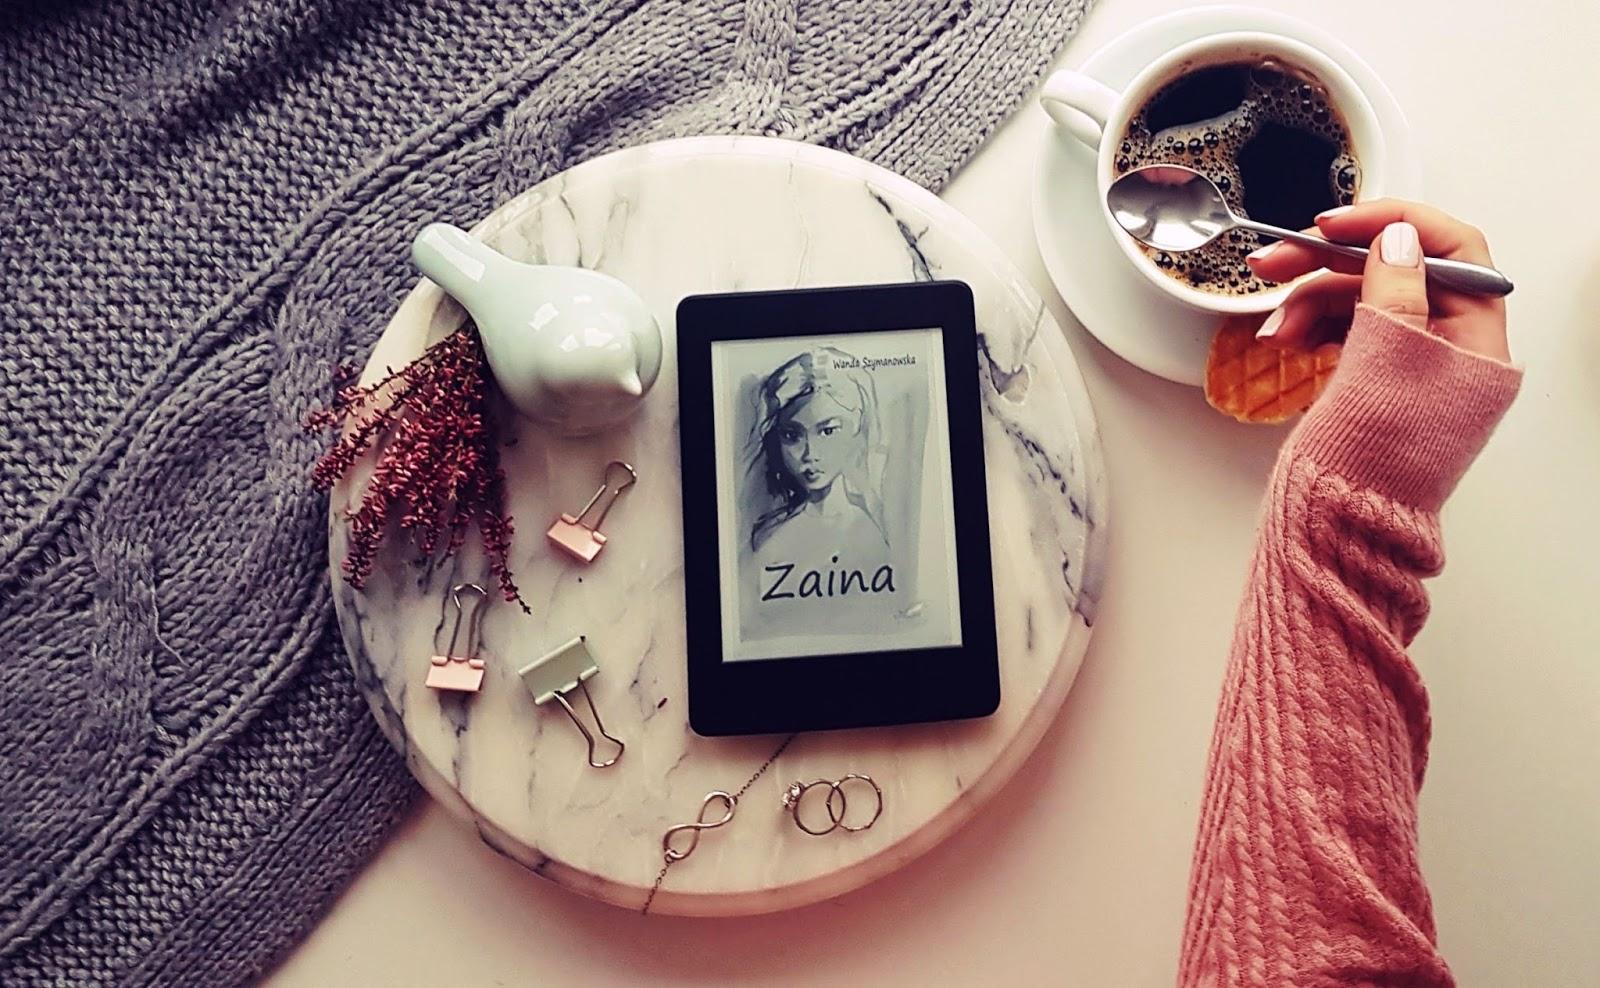 Zaina - Wanda Szymanowska, nikt nie rodzi się rasistą